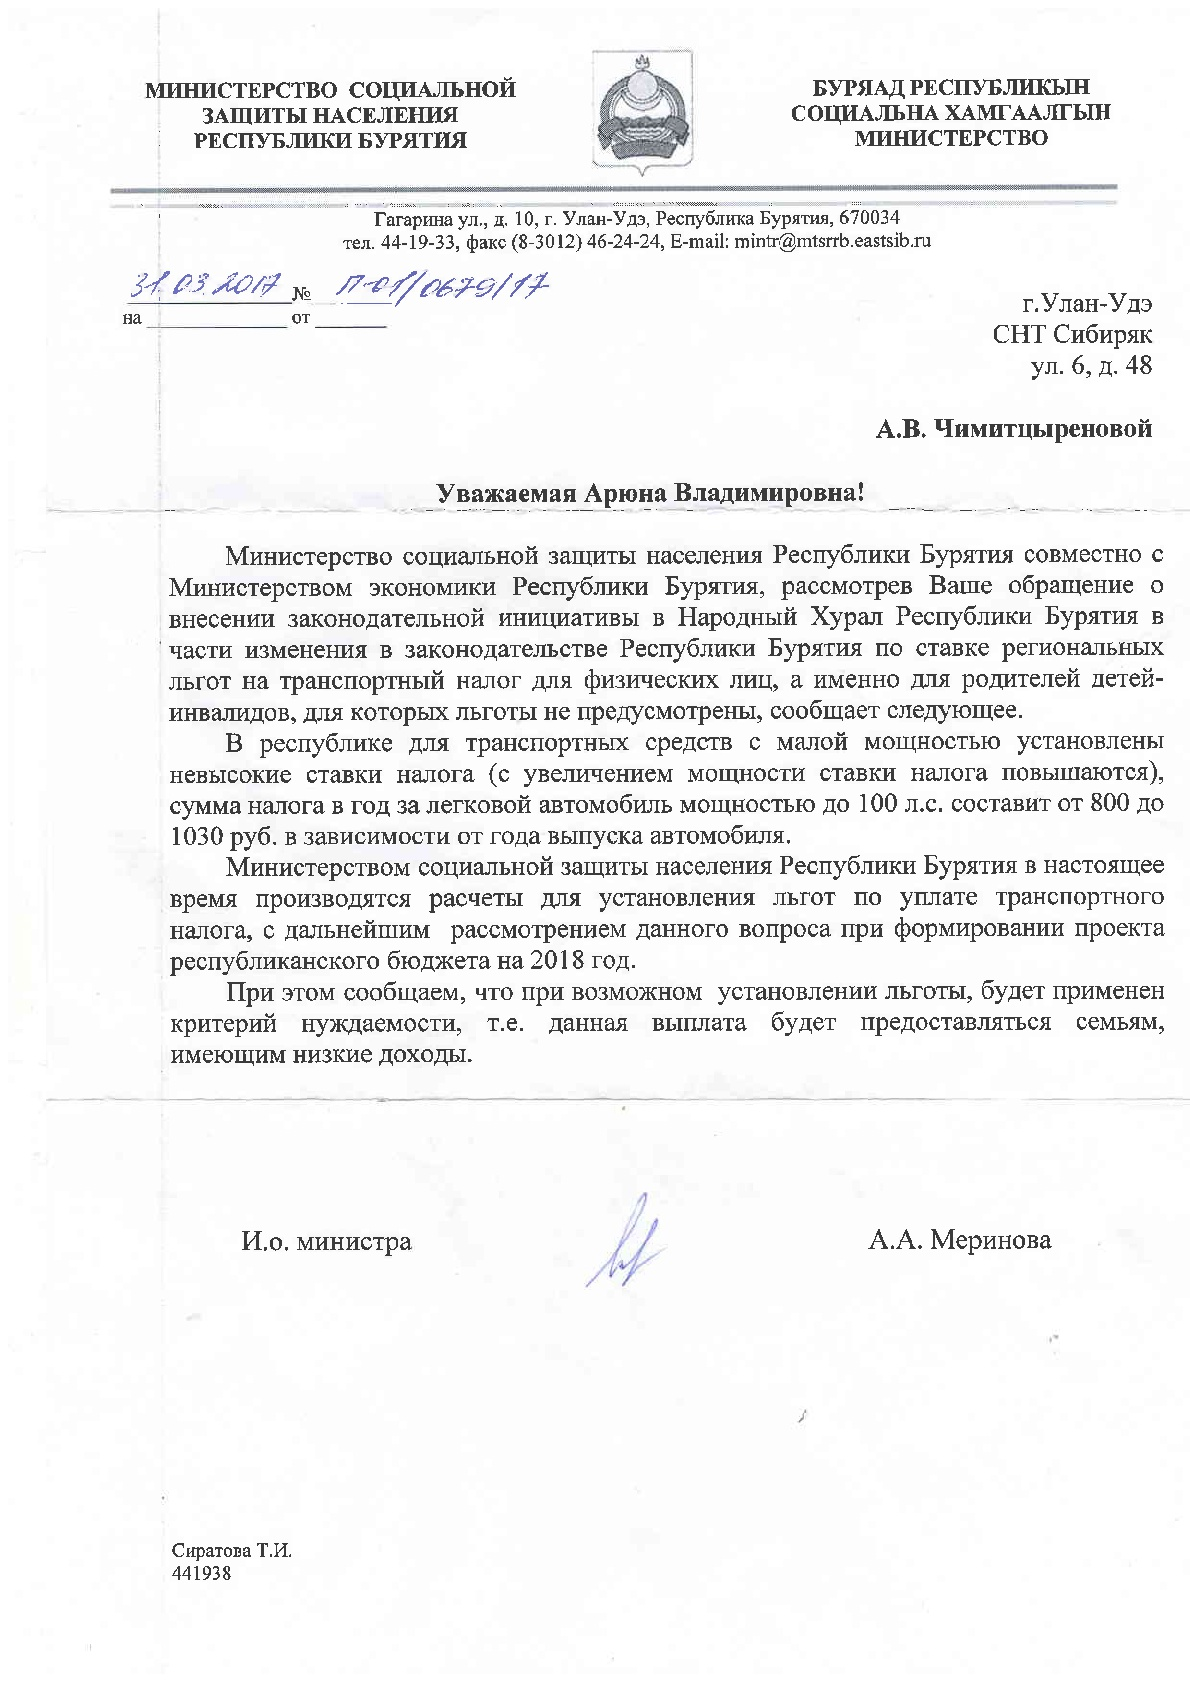 ответМинсоц защиты Чимитцыреновой о %-001